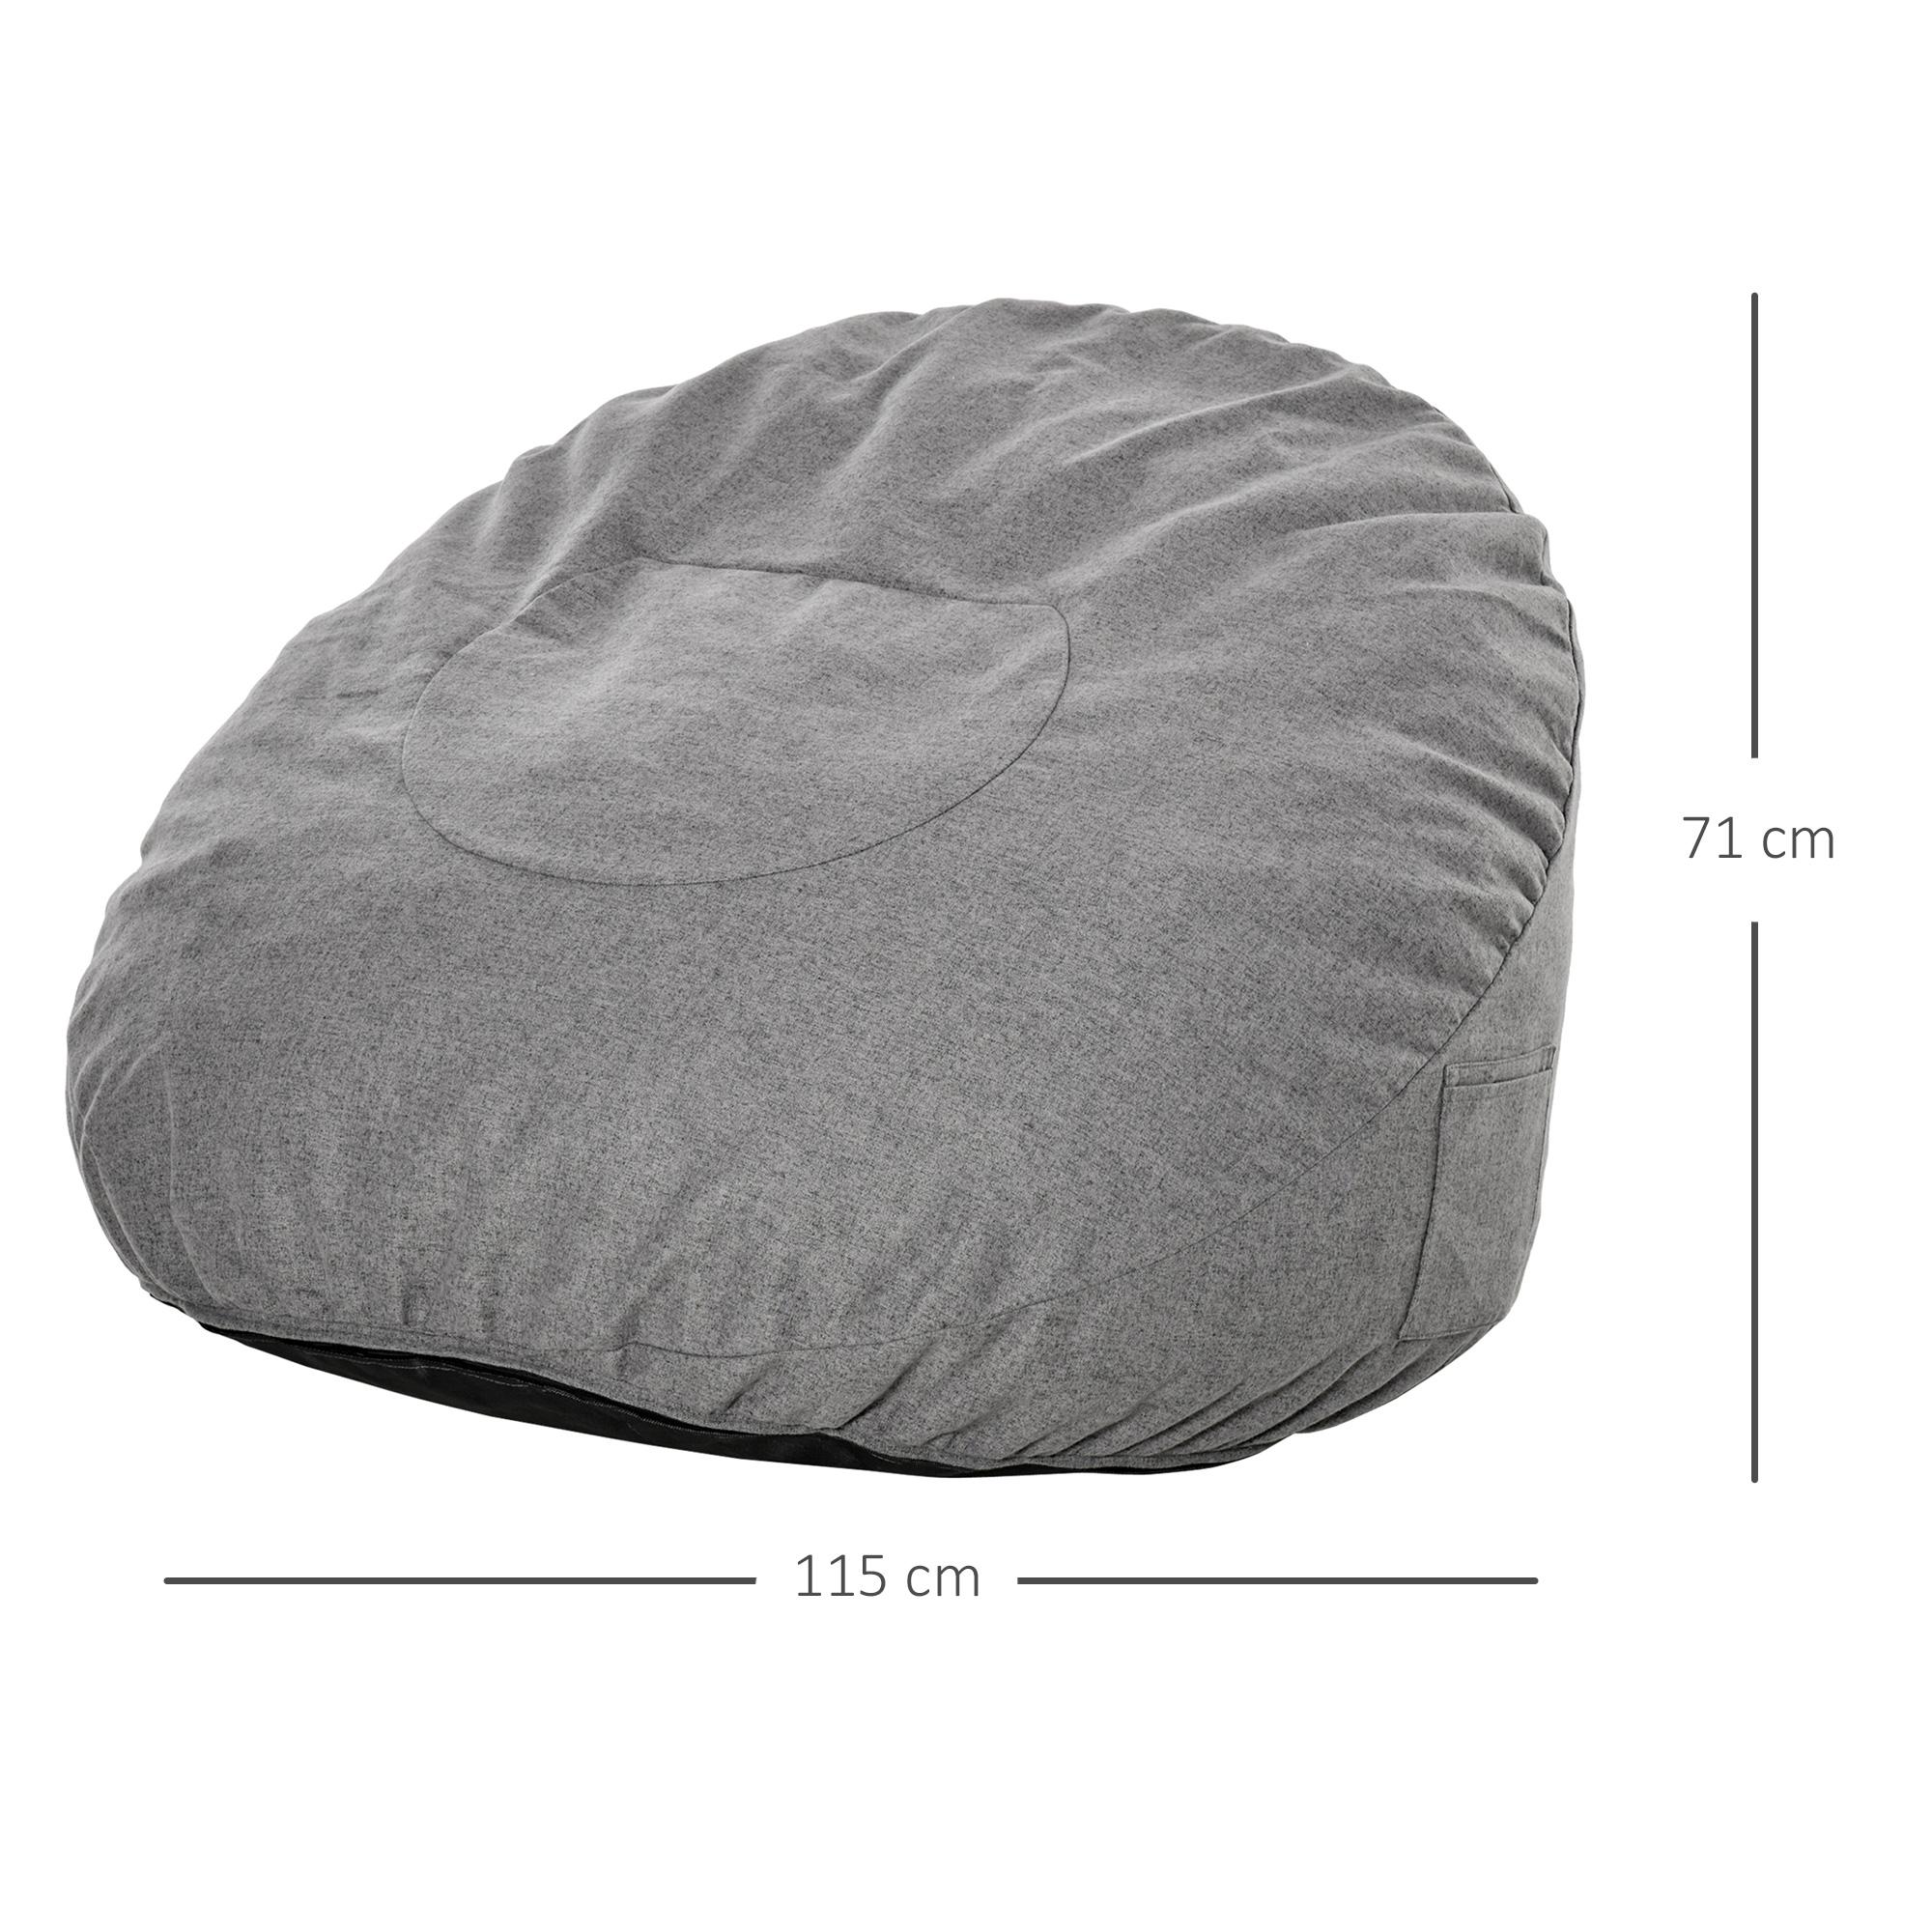 Indexbild 10 - Sitzsack Sitzkissen gepolstert Polyester Schaumstoff 3 Farben